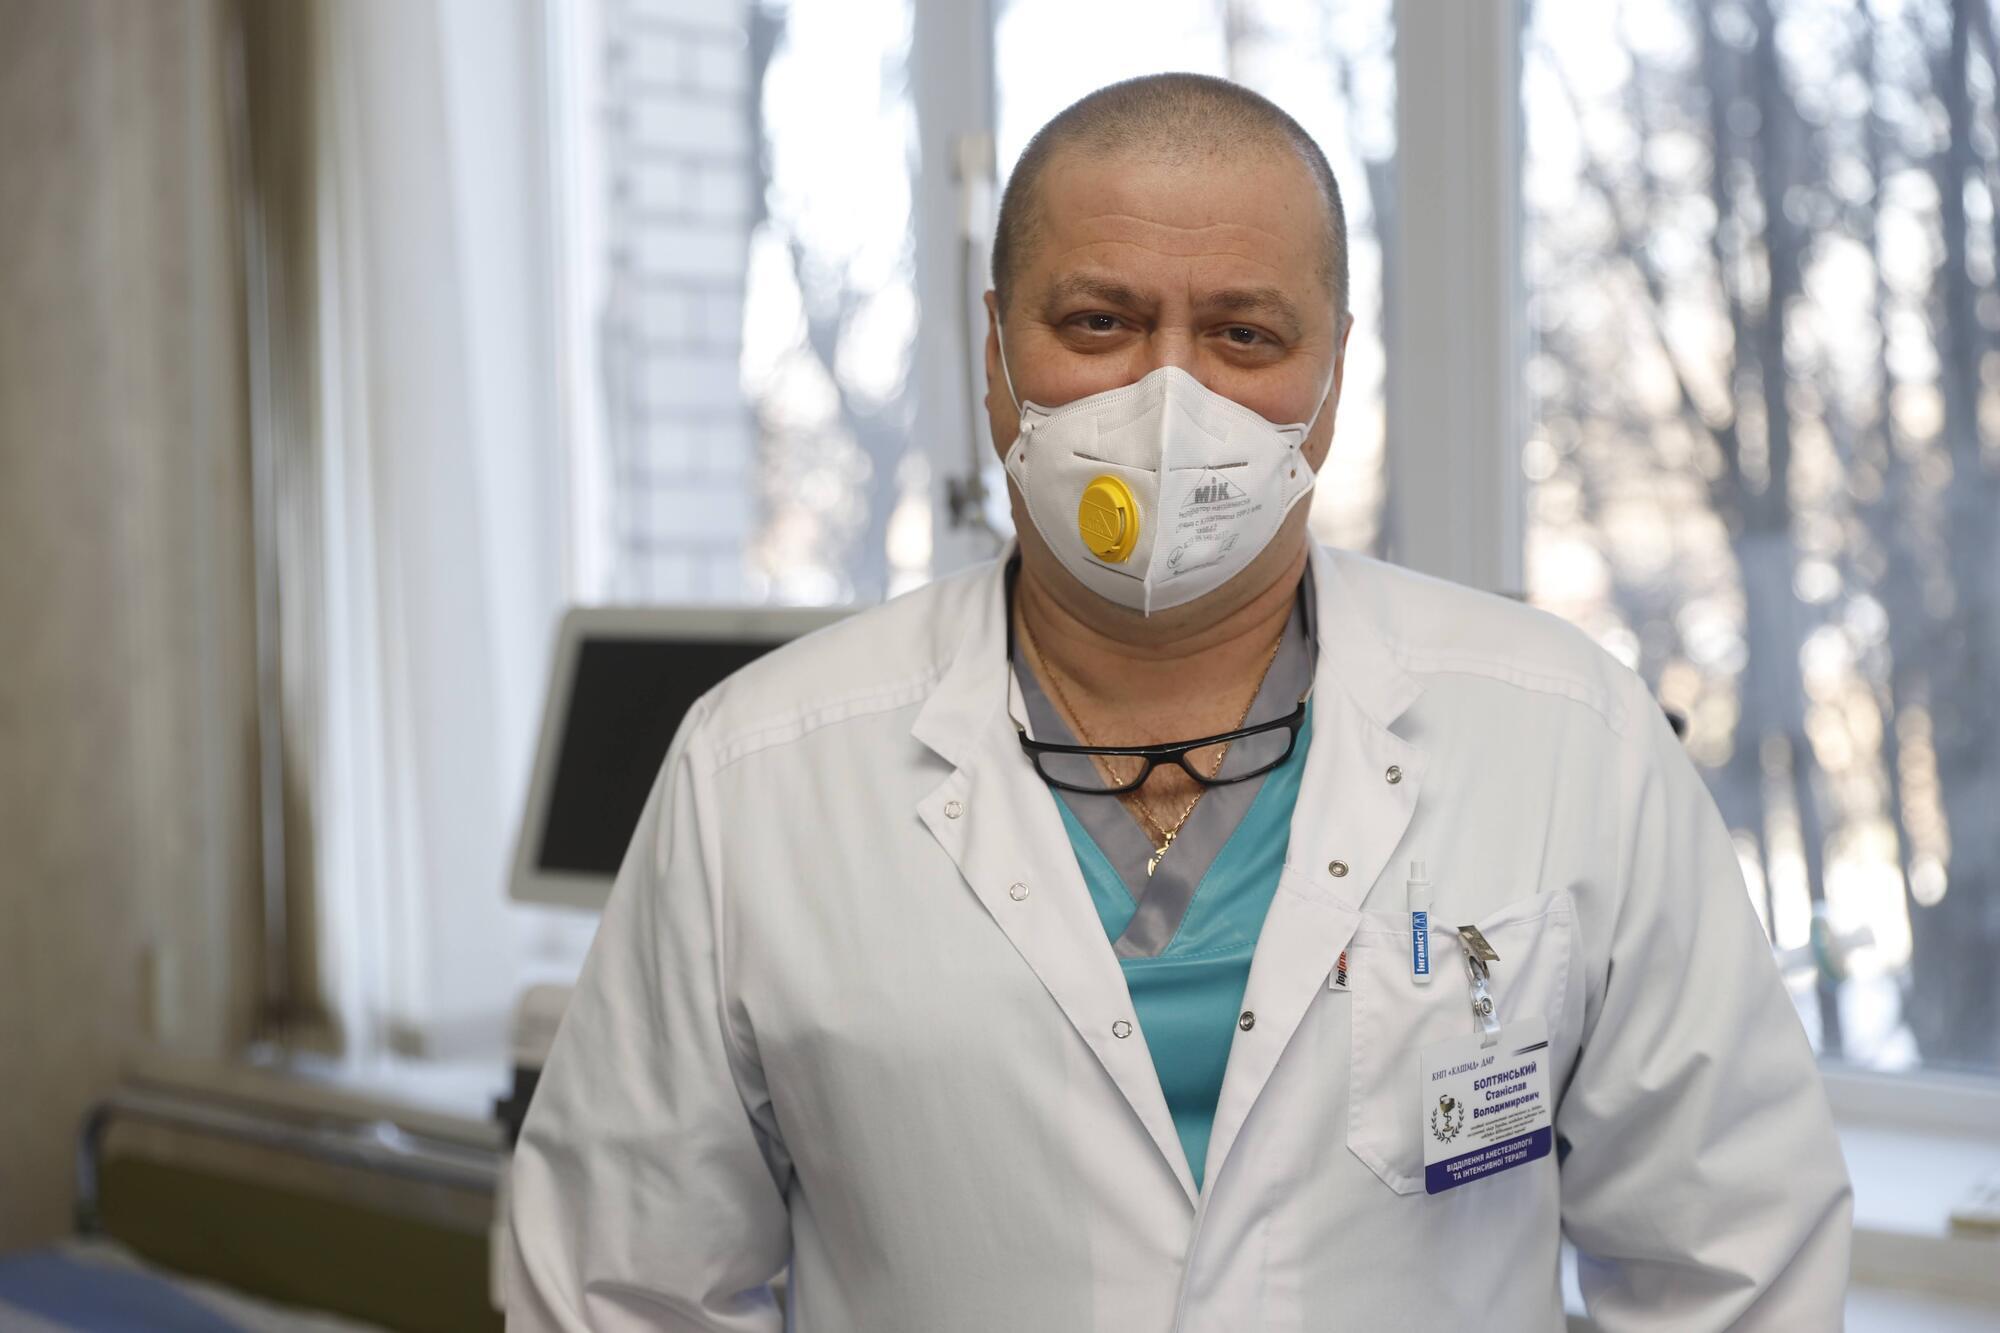 Заведующий отделением анестезиологии и интенсивной терапии Станислав Болтянский